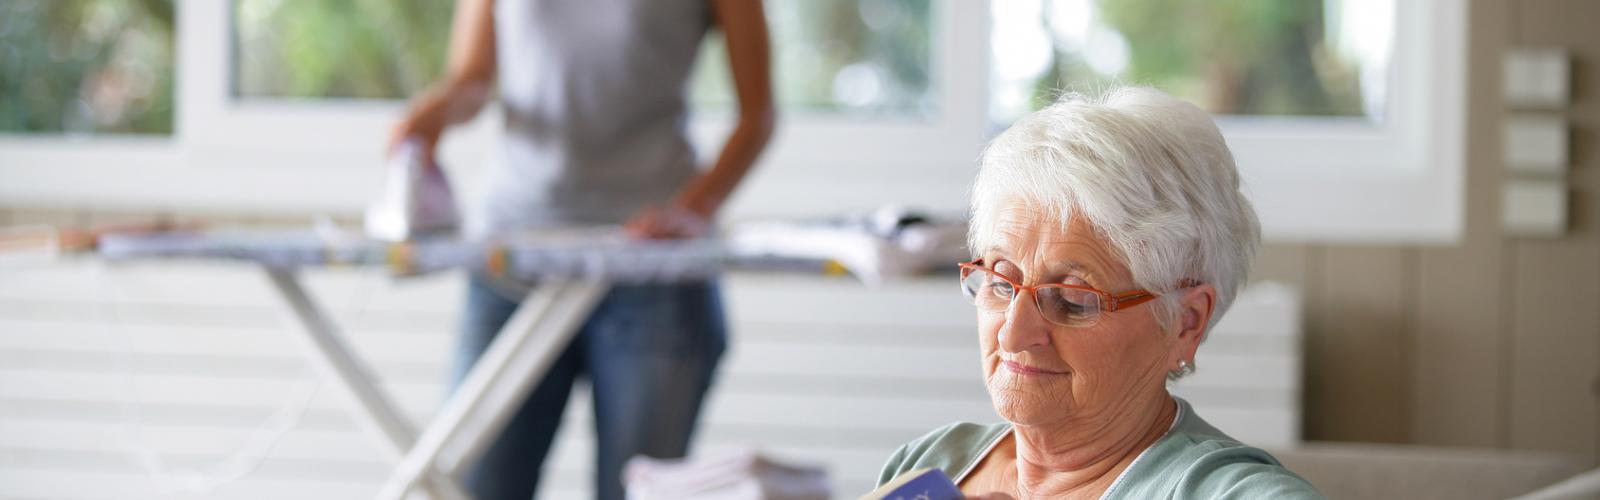 Aide ménagère pour personnes agées